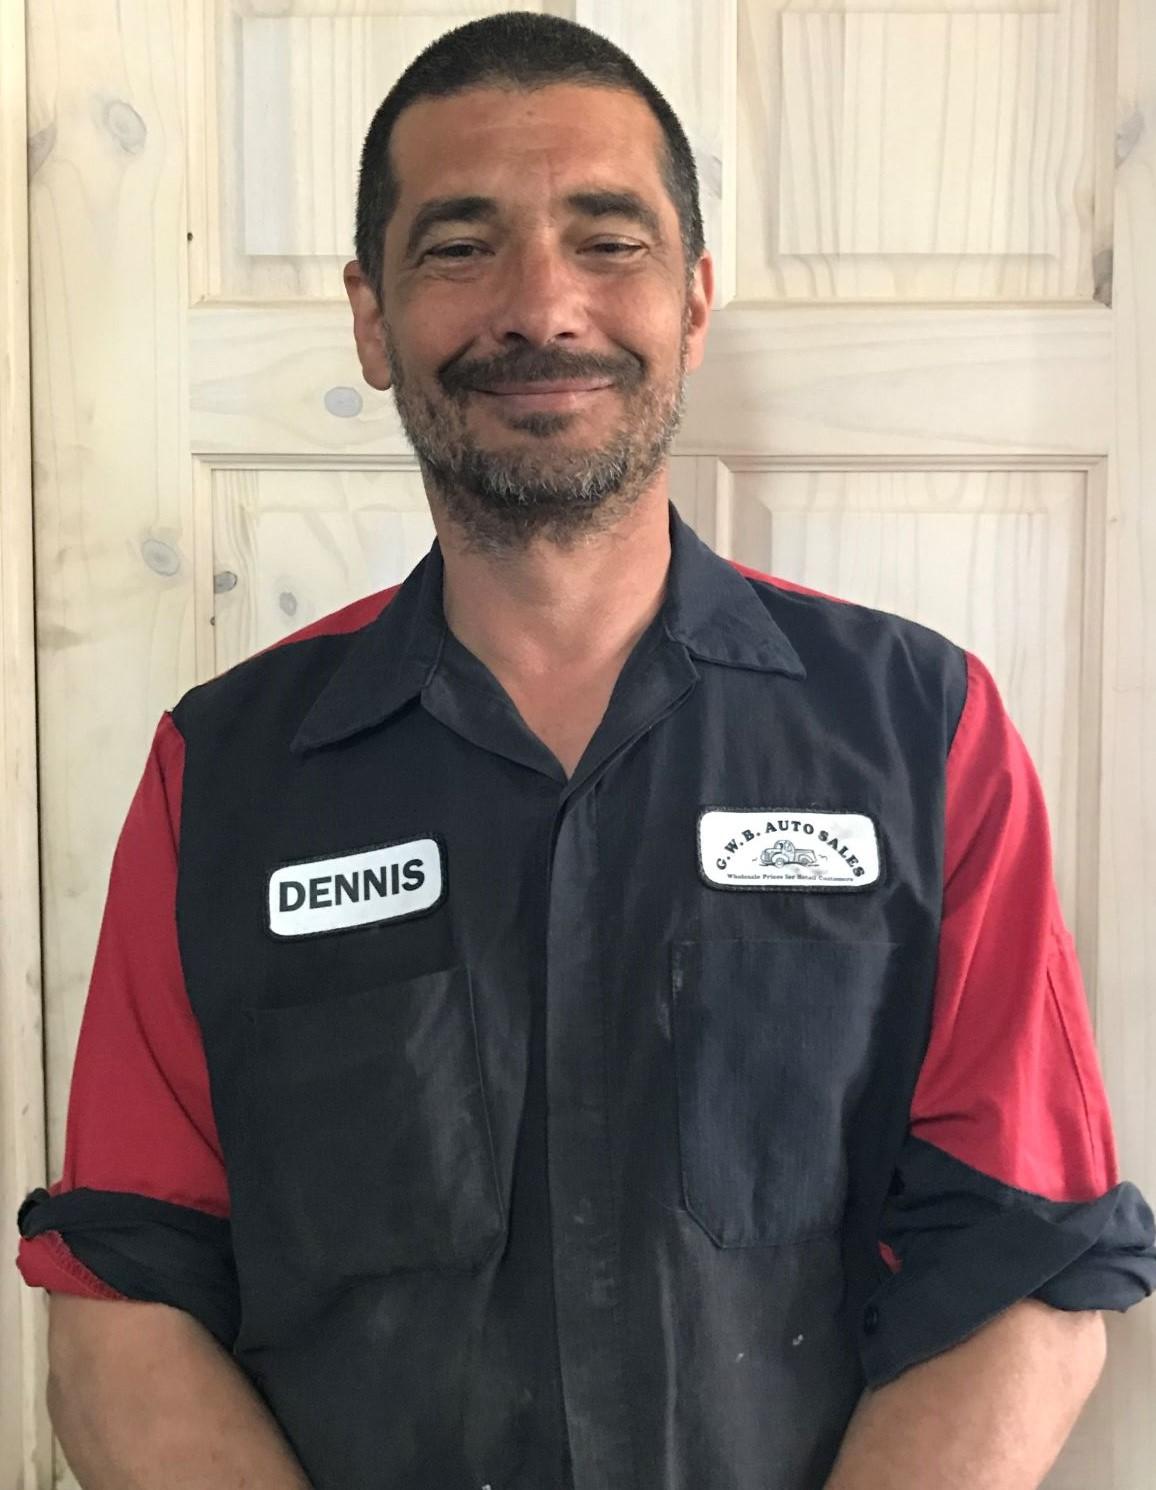 Denis1.JPG